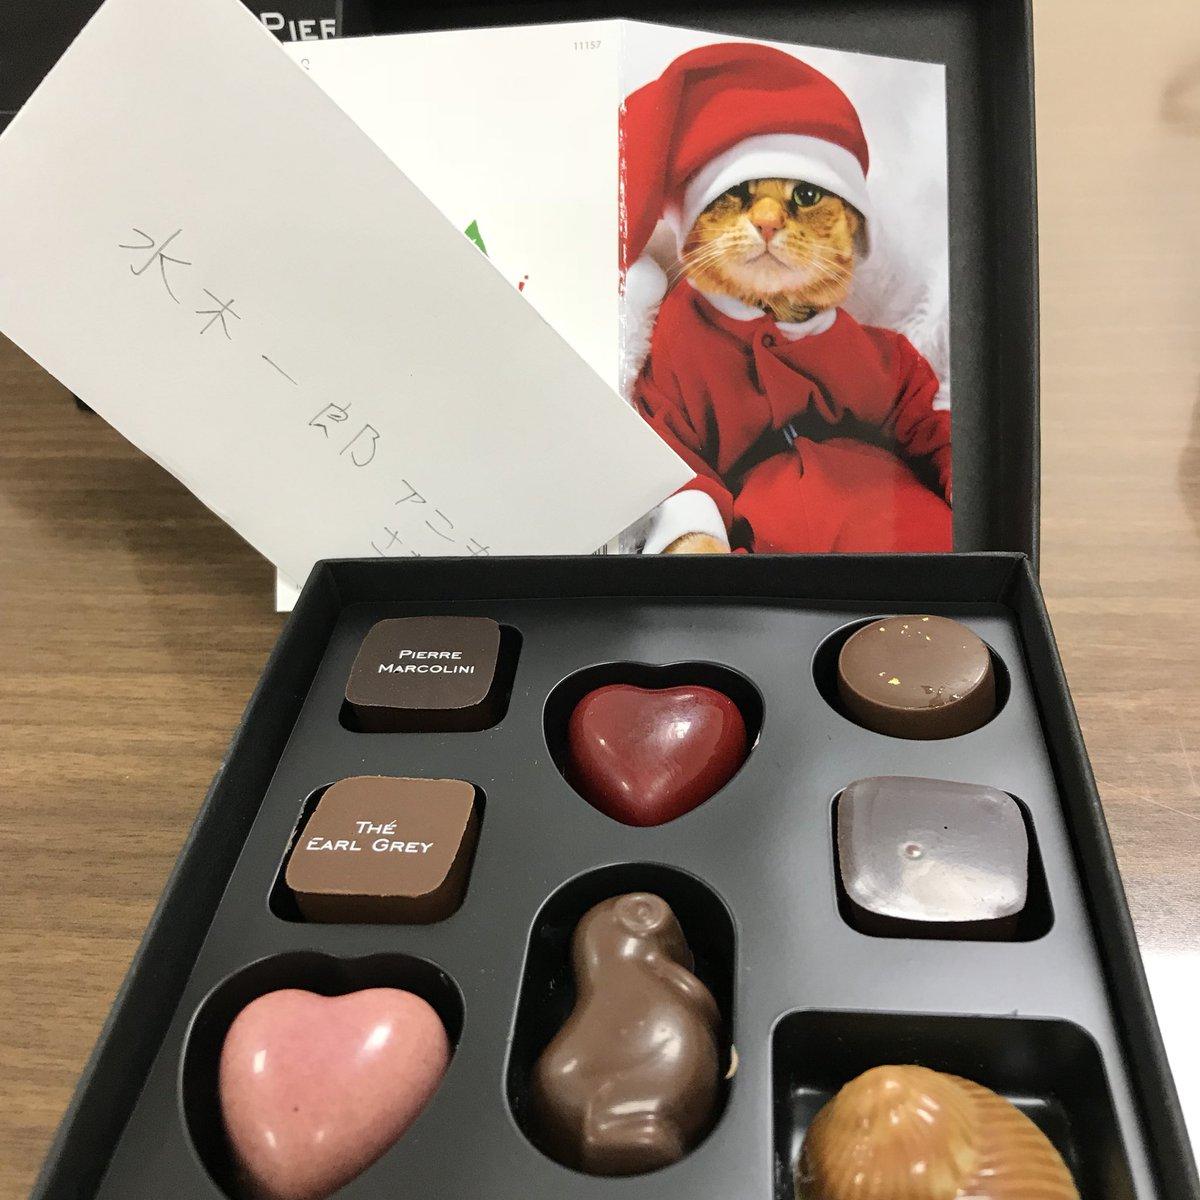 RT @aniki_z: 「アニソンアカデミースペシャル」が始まる前にしょこたんからクリスマスプレゼントをいただいたゼーット! #aniaca  #nhkfm  #中川翔子  #水木一郎 https://t.co/0TvtXU0Ggs